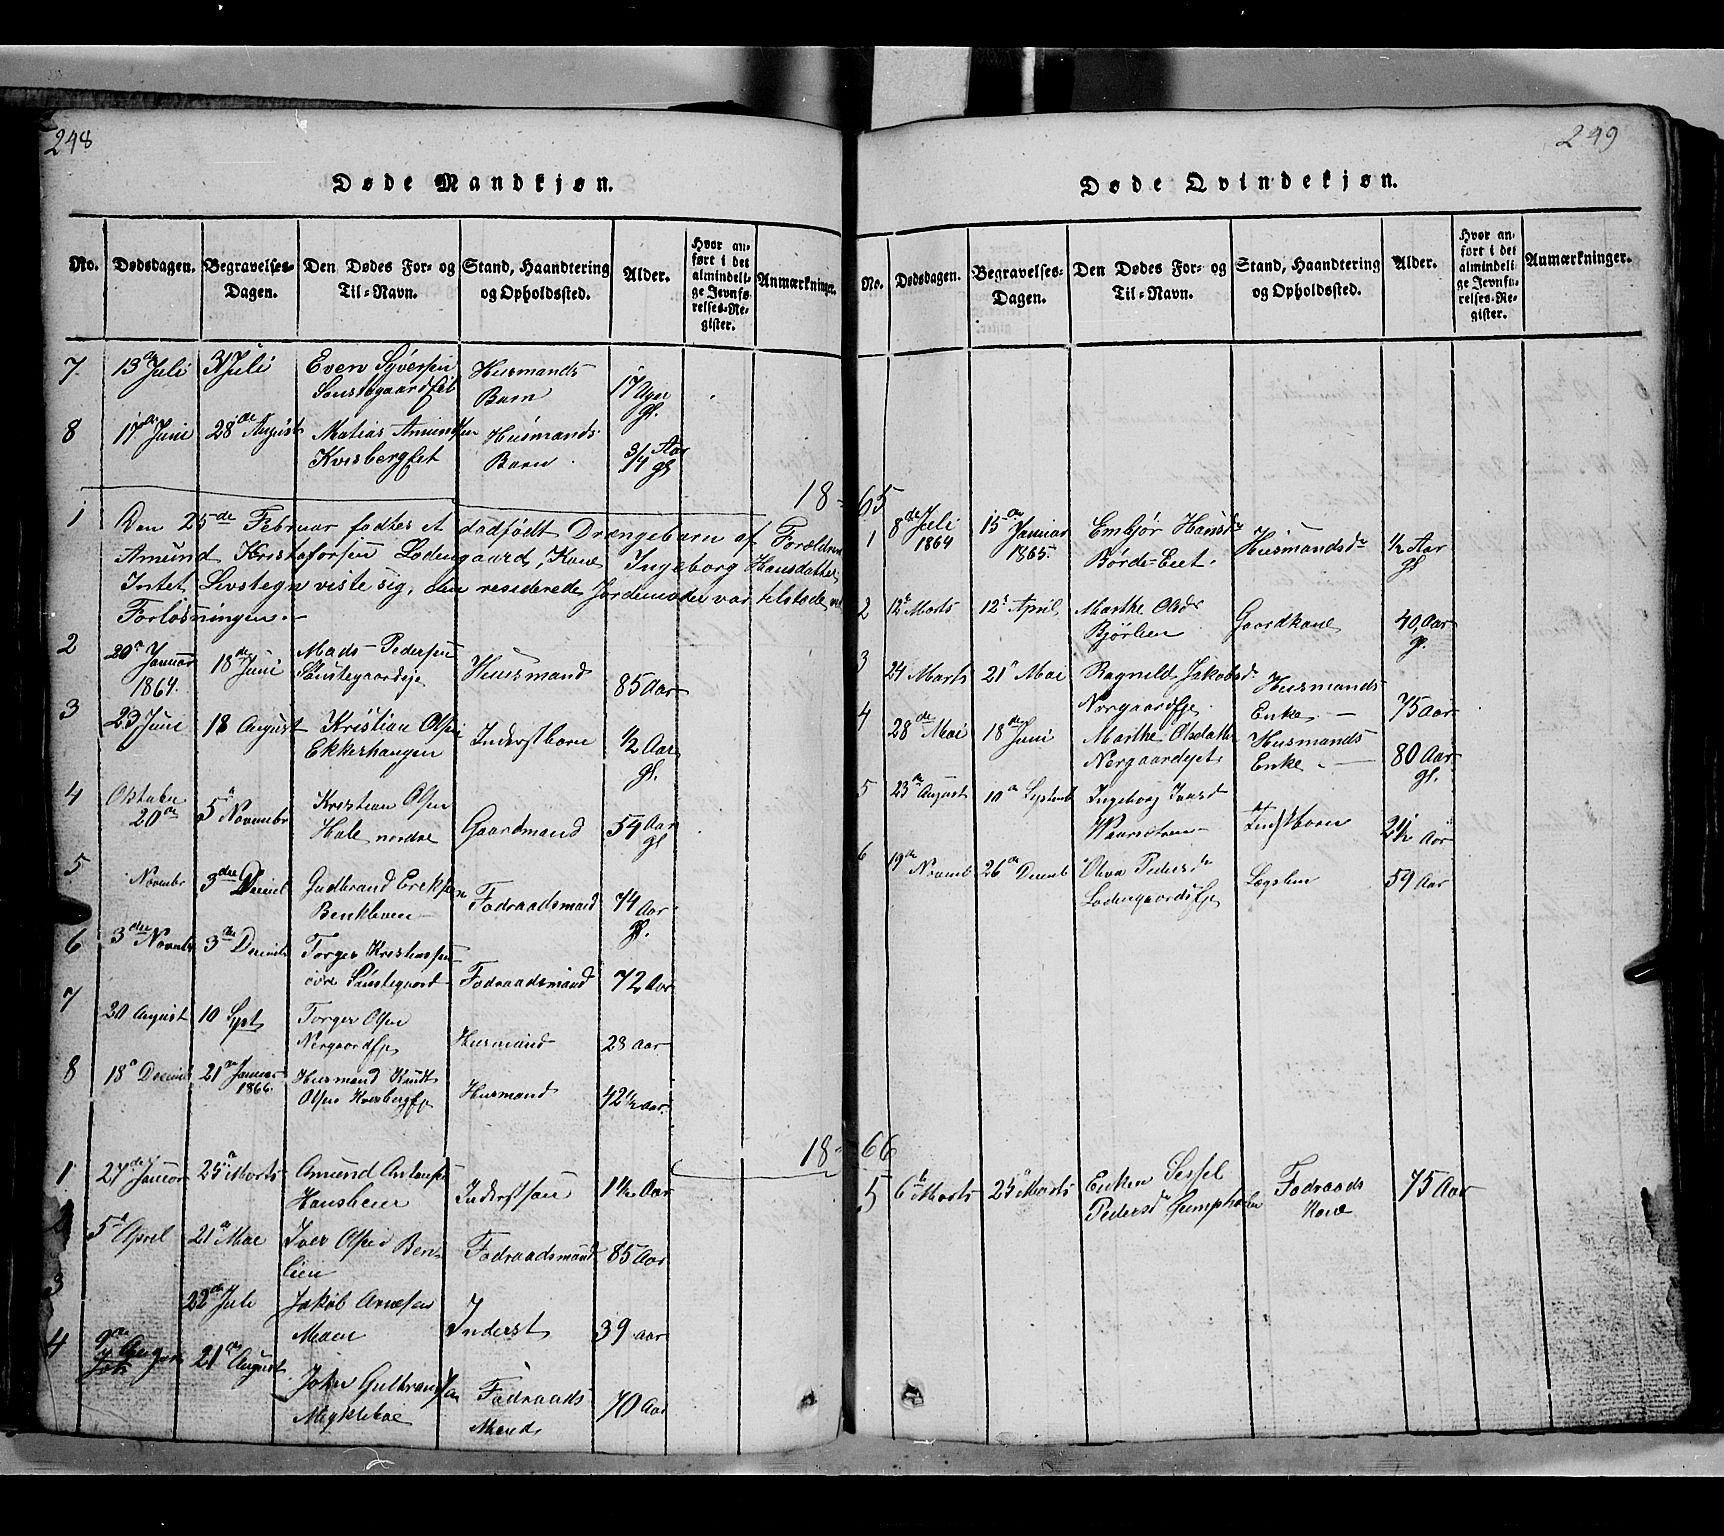 SAH, Gausdal prestekontor, Klokkerbok nr. 2, 1818-1874, s. 248-249